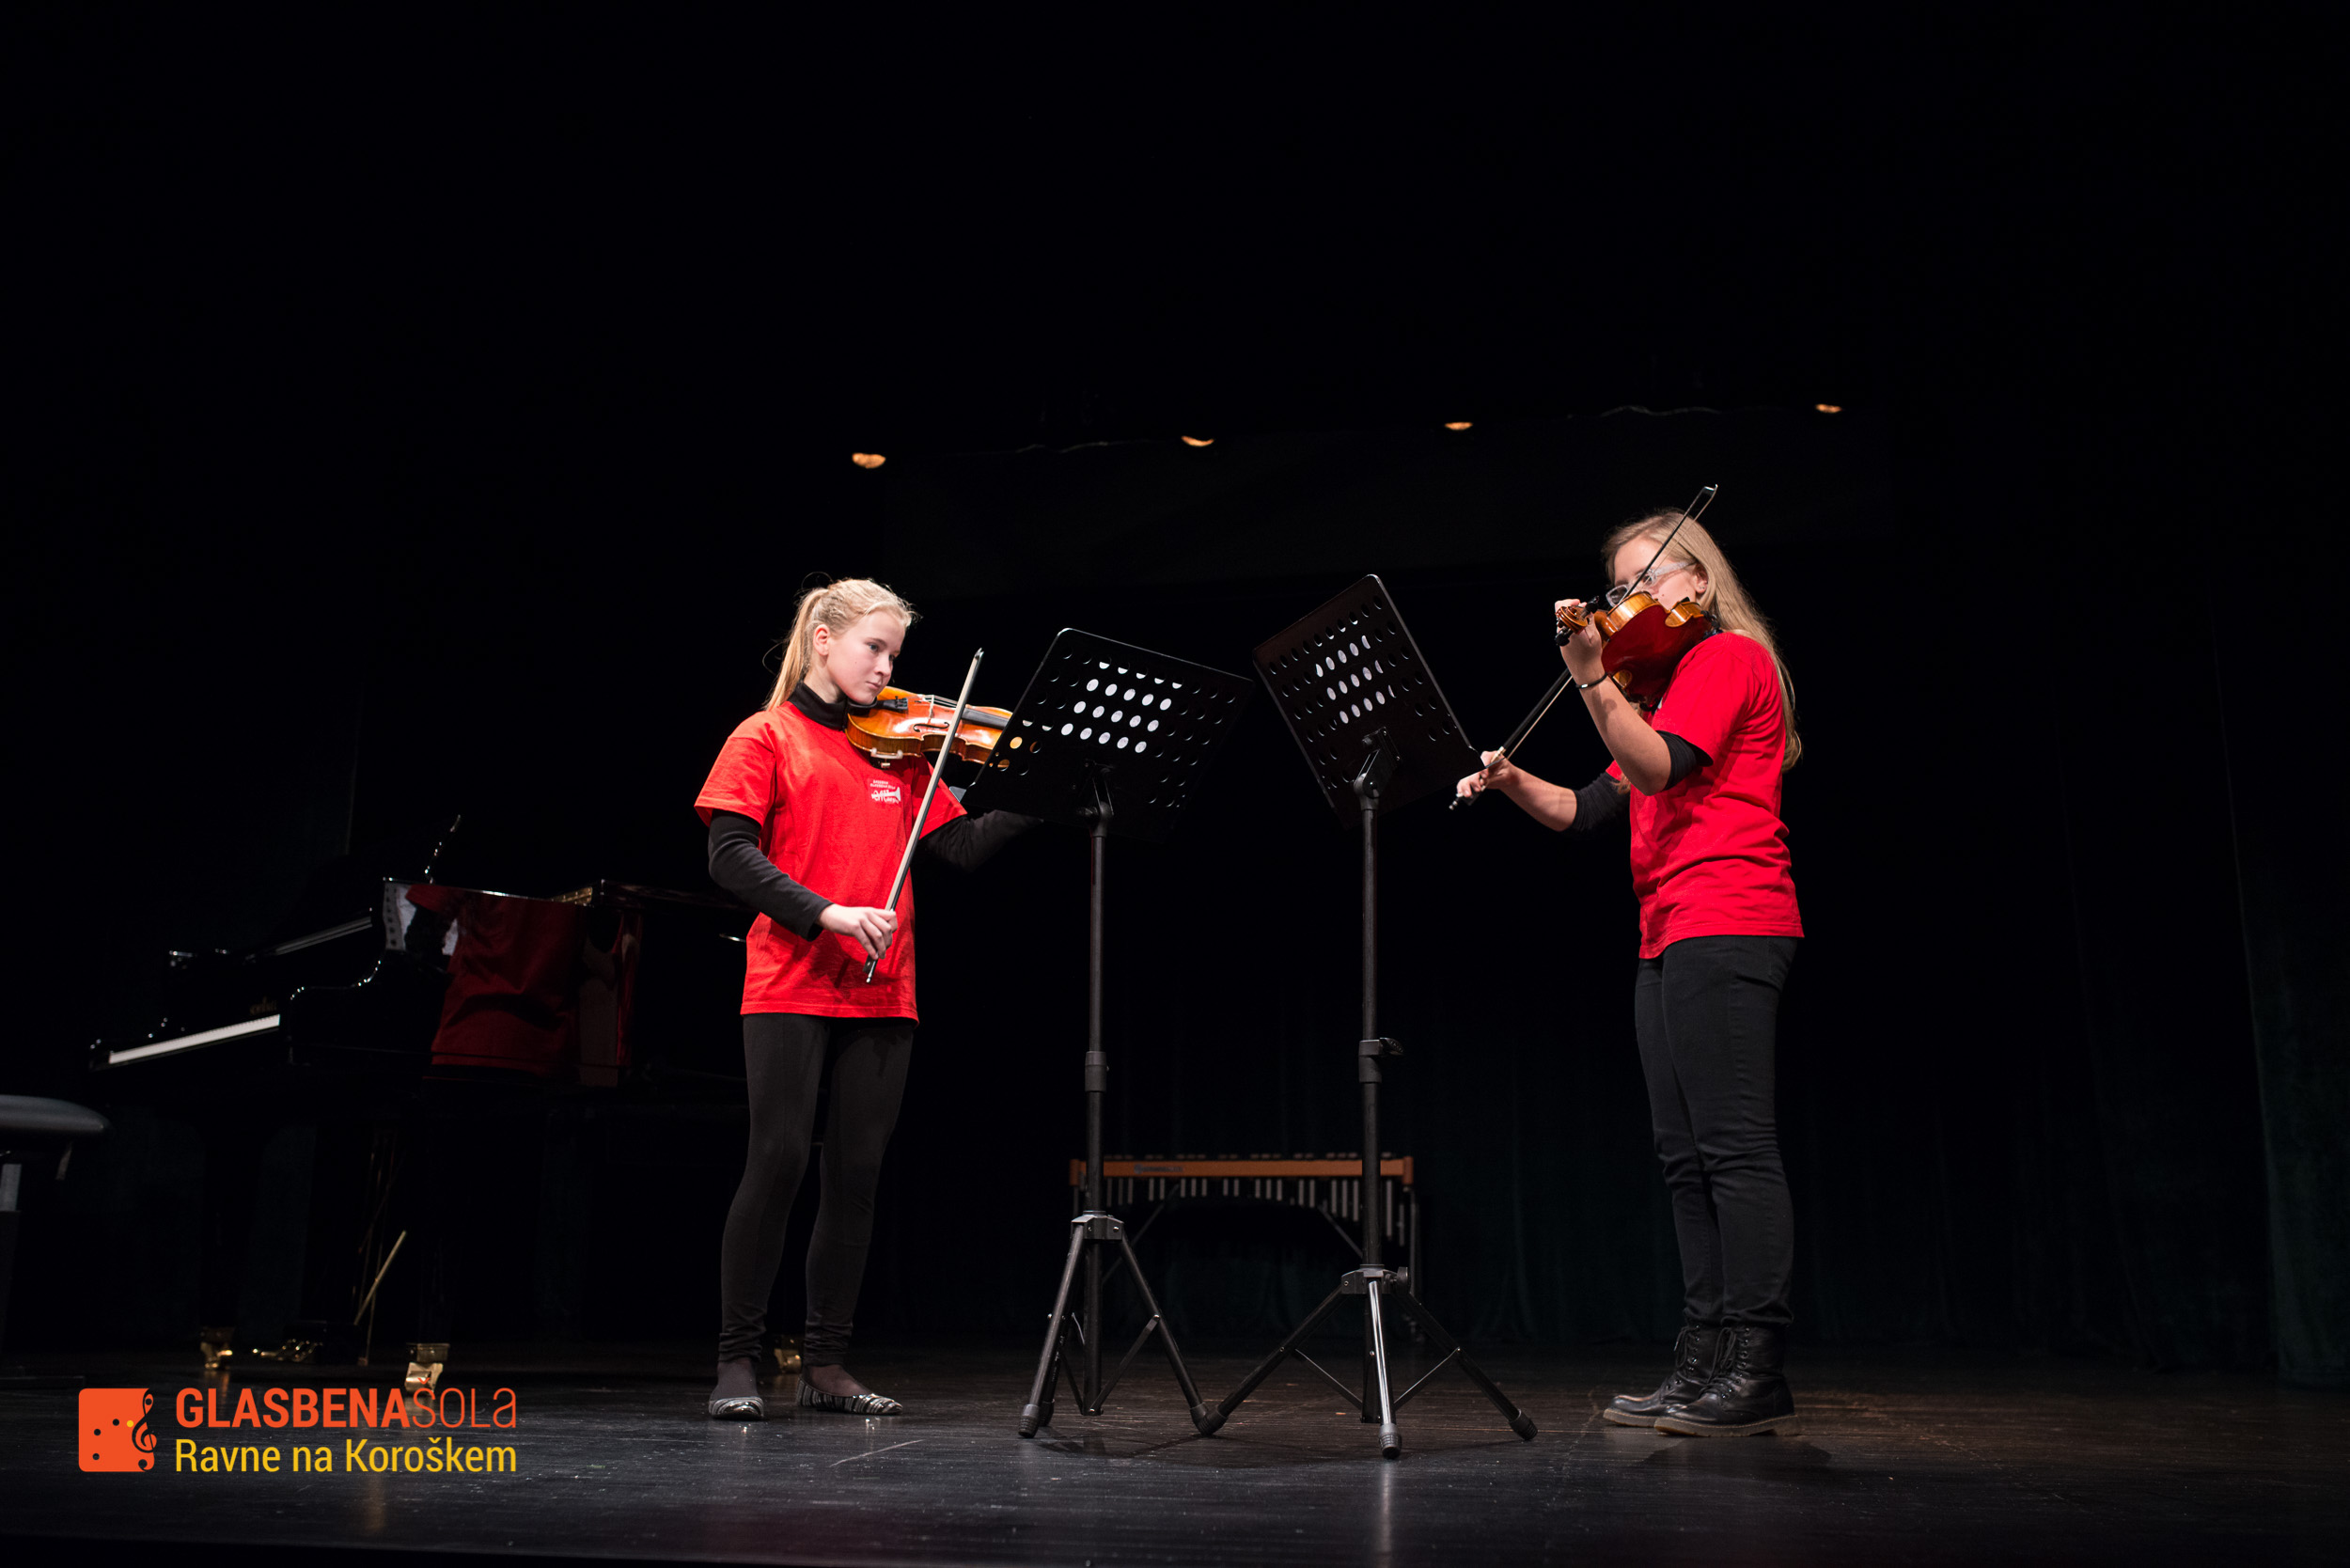 koncert-08-11-2014-16